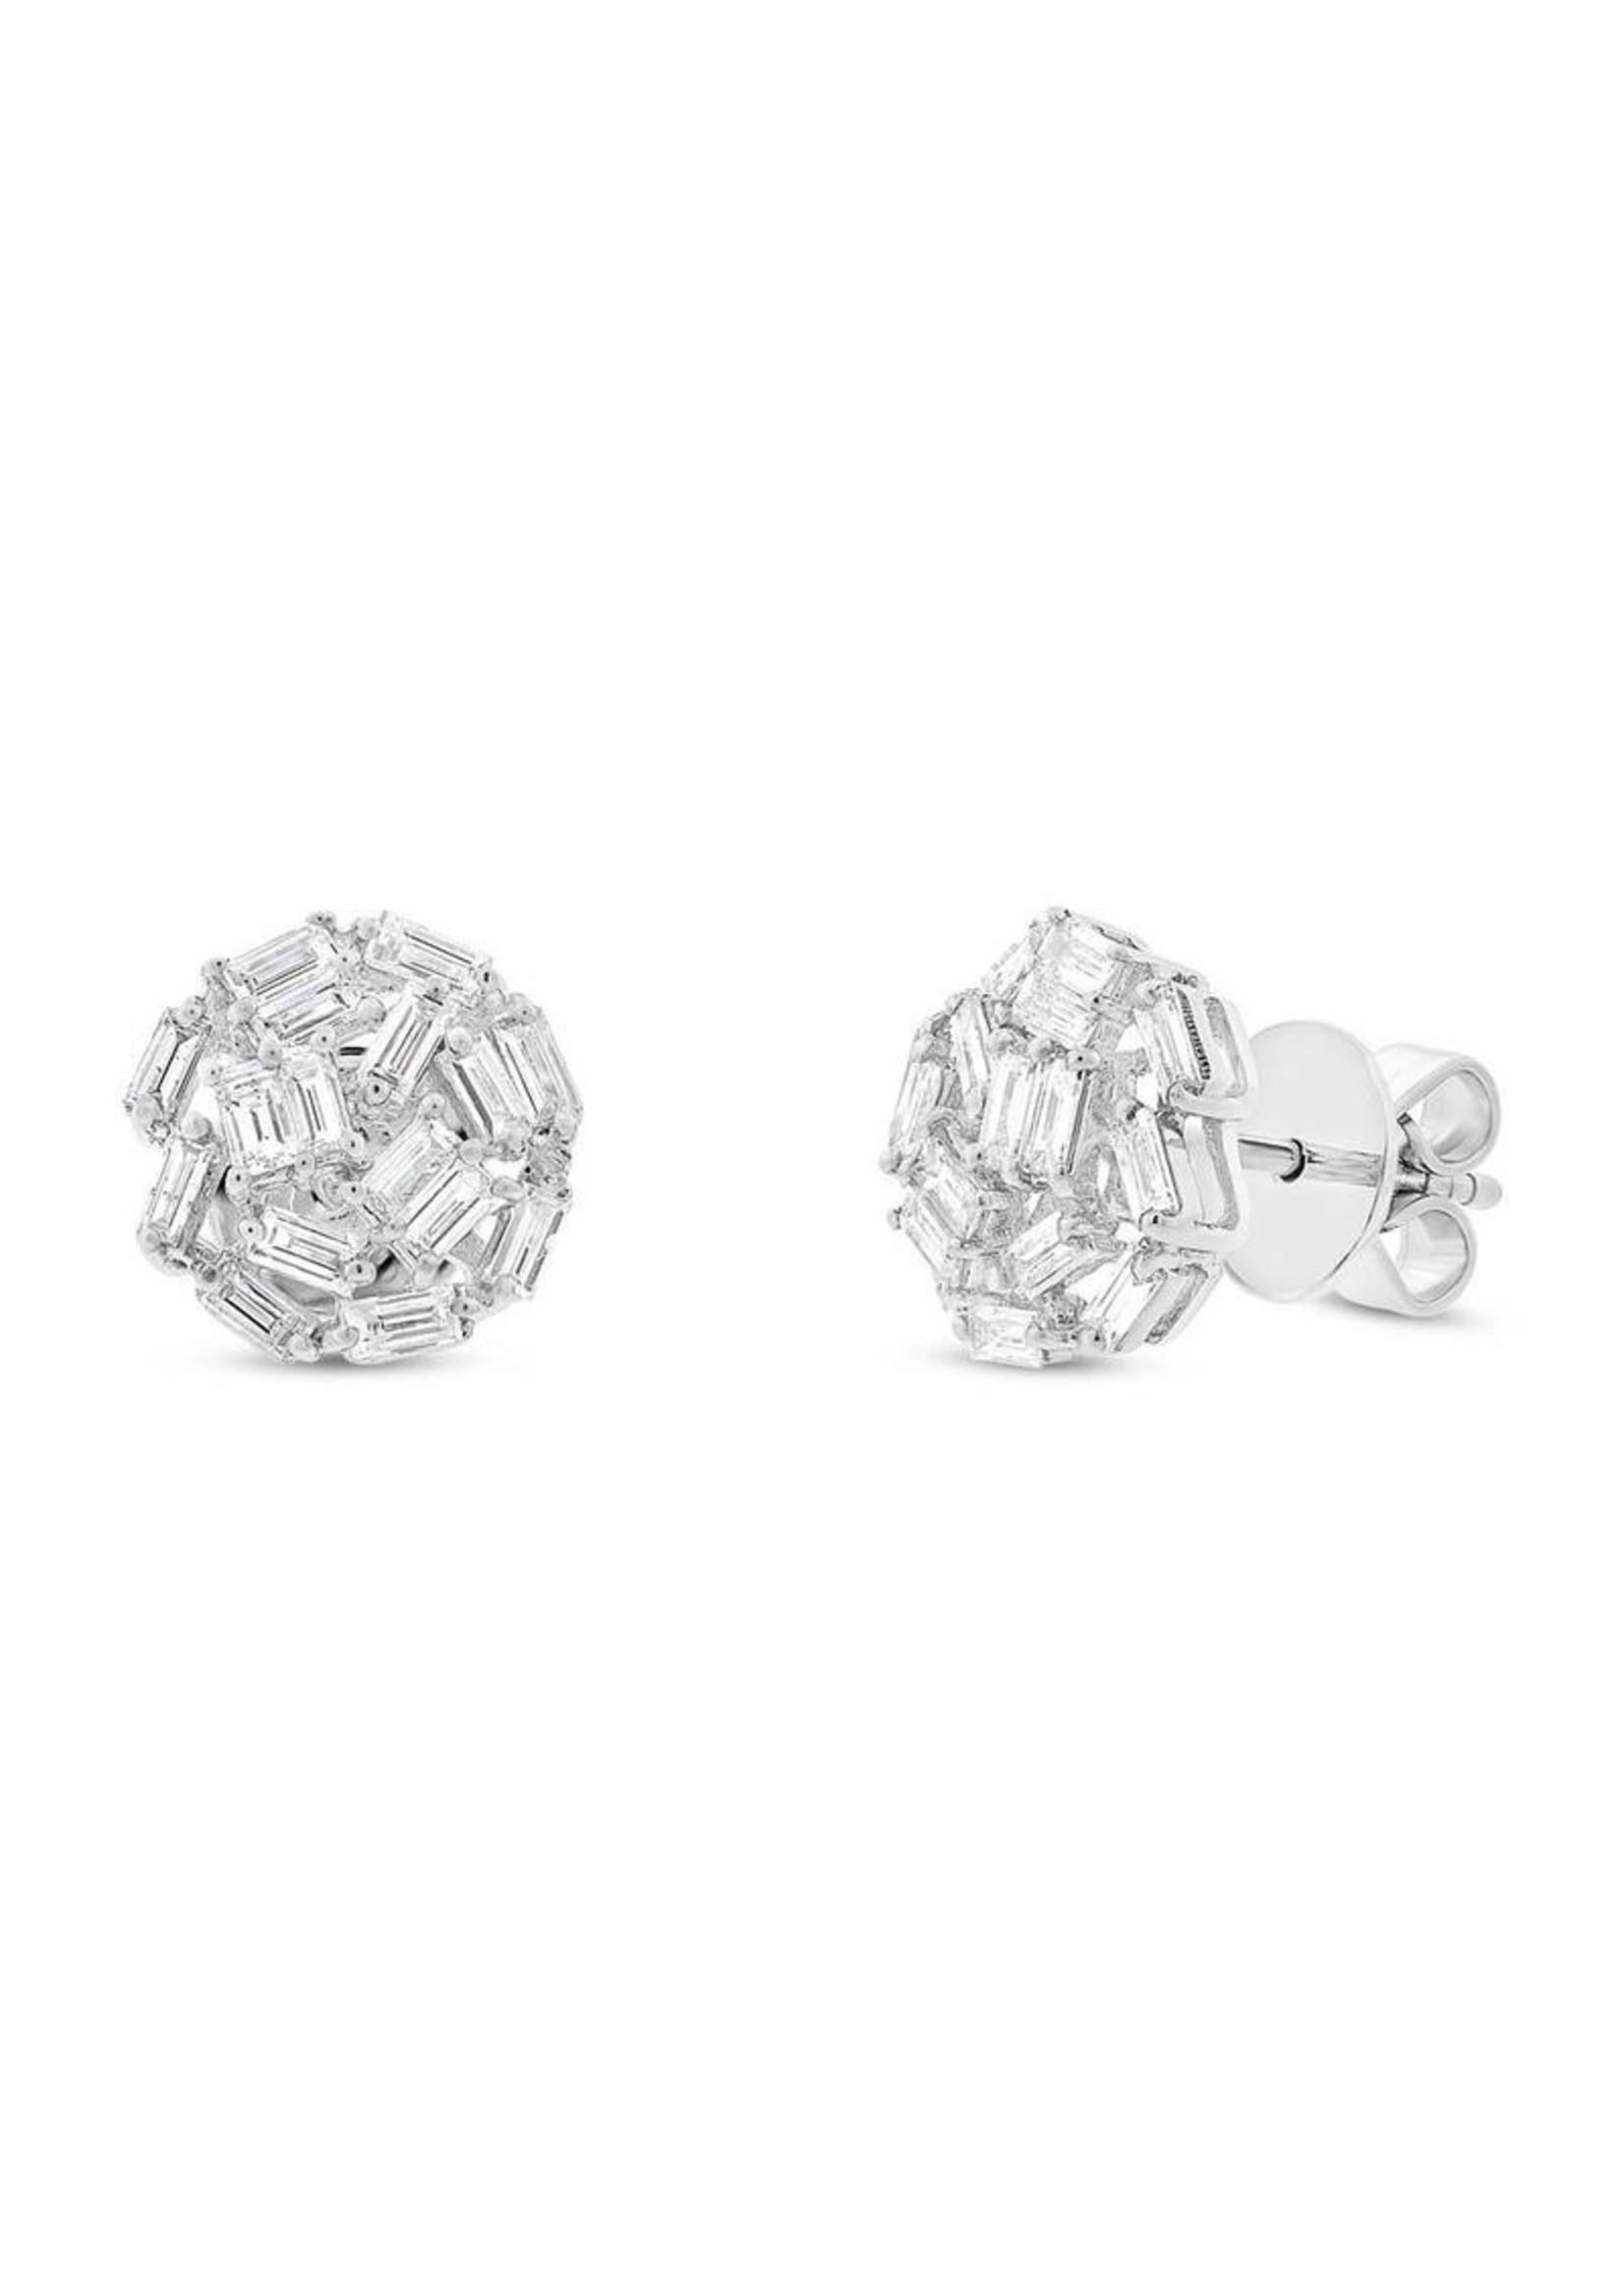 Jill Alberts Baguette Stud Earrings